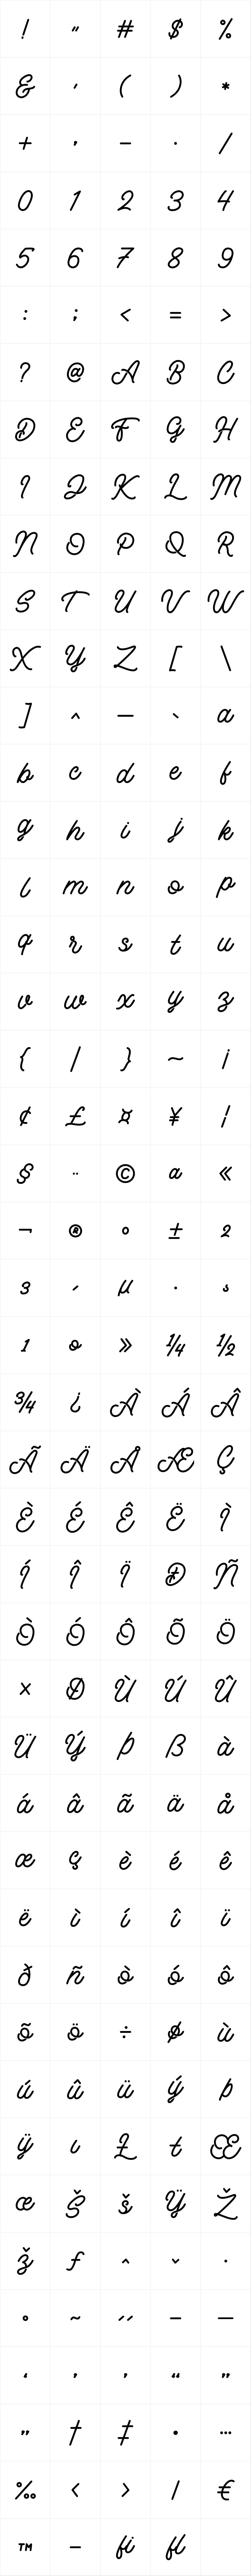 Retrology Standard